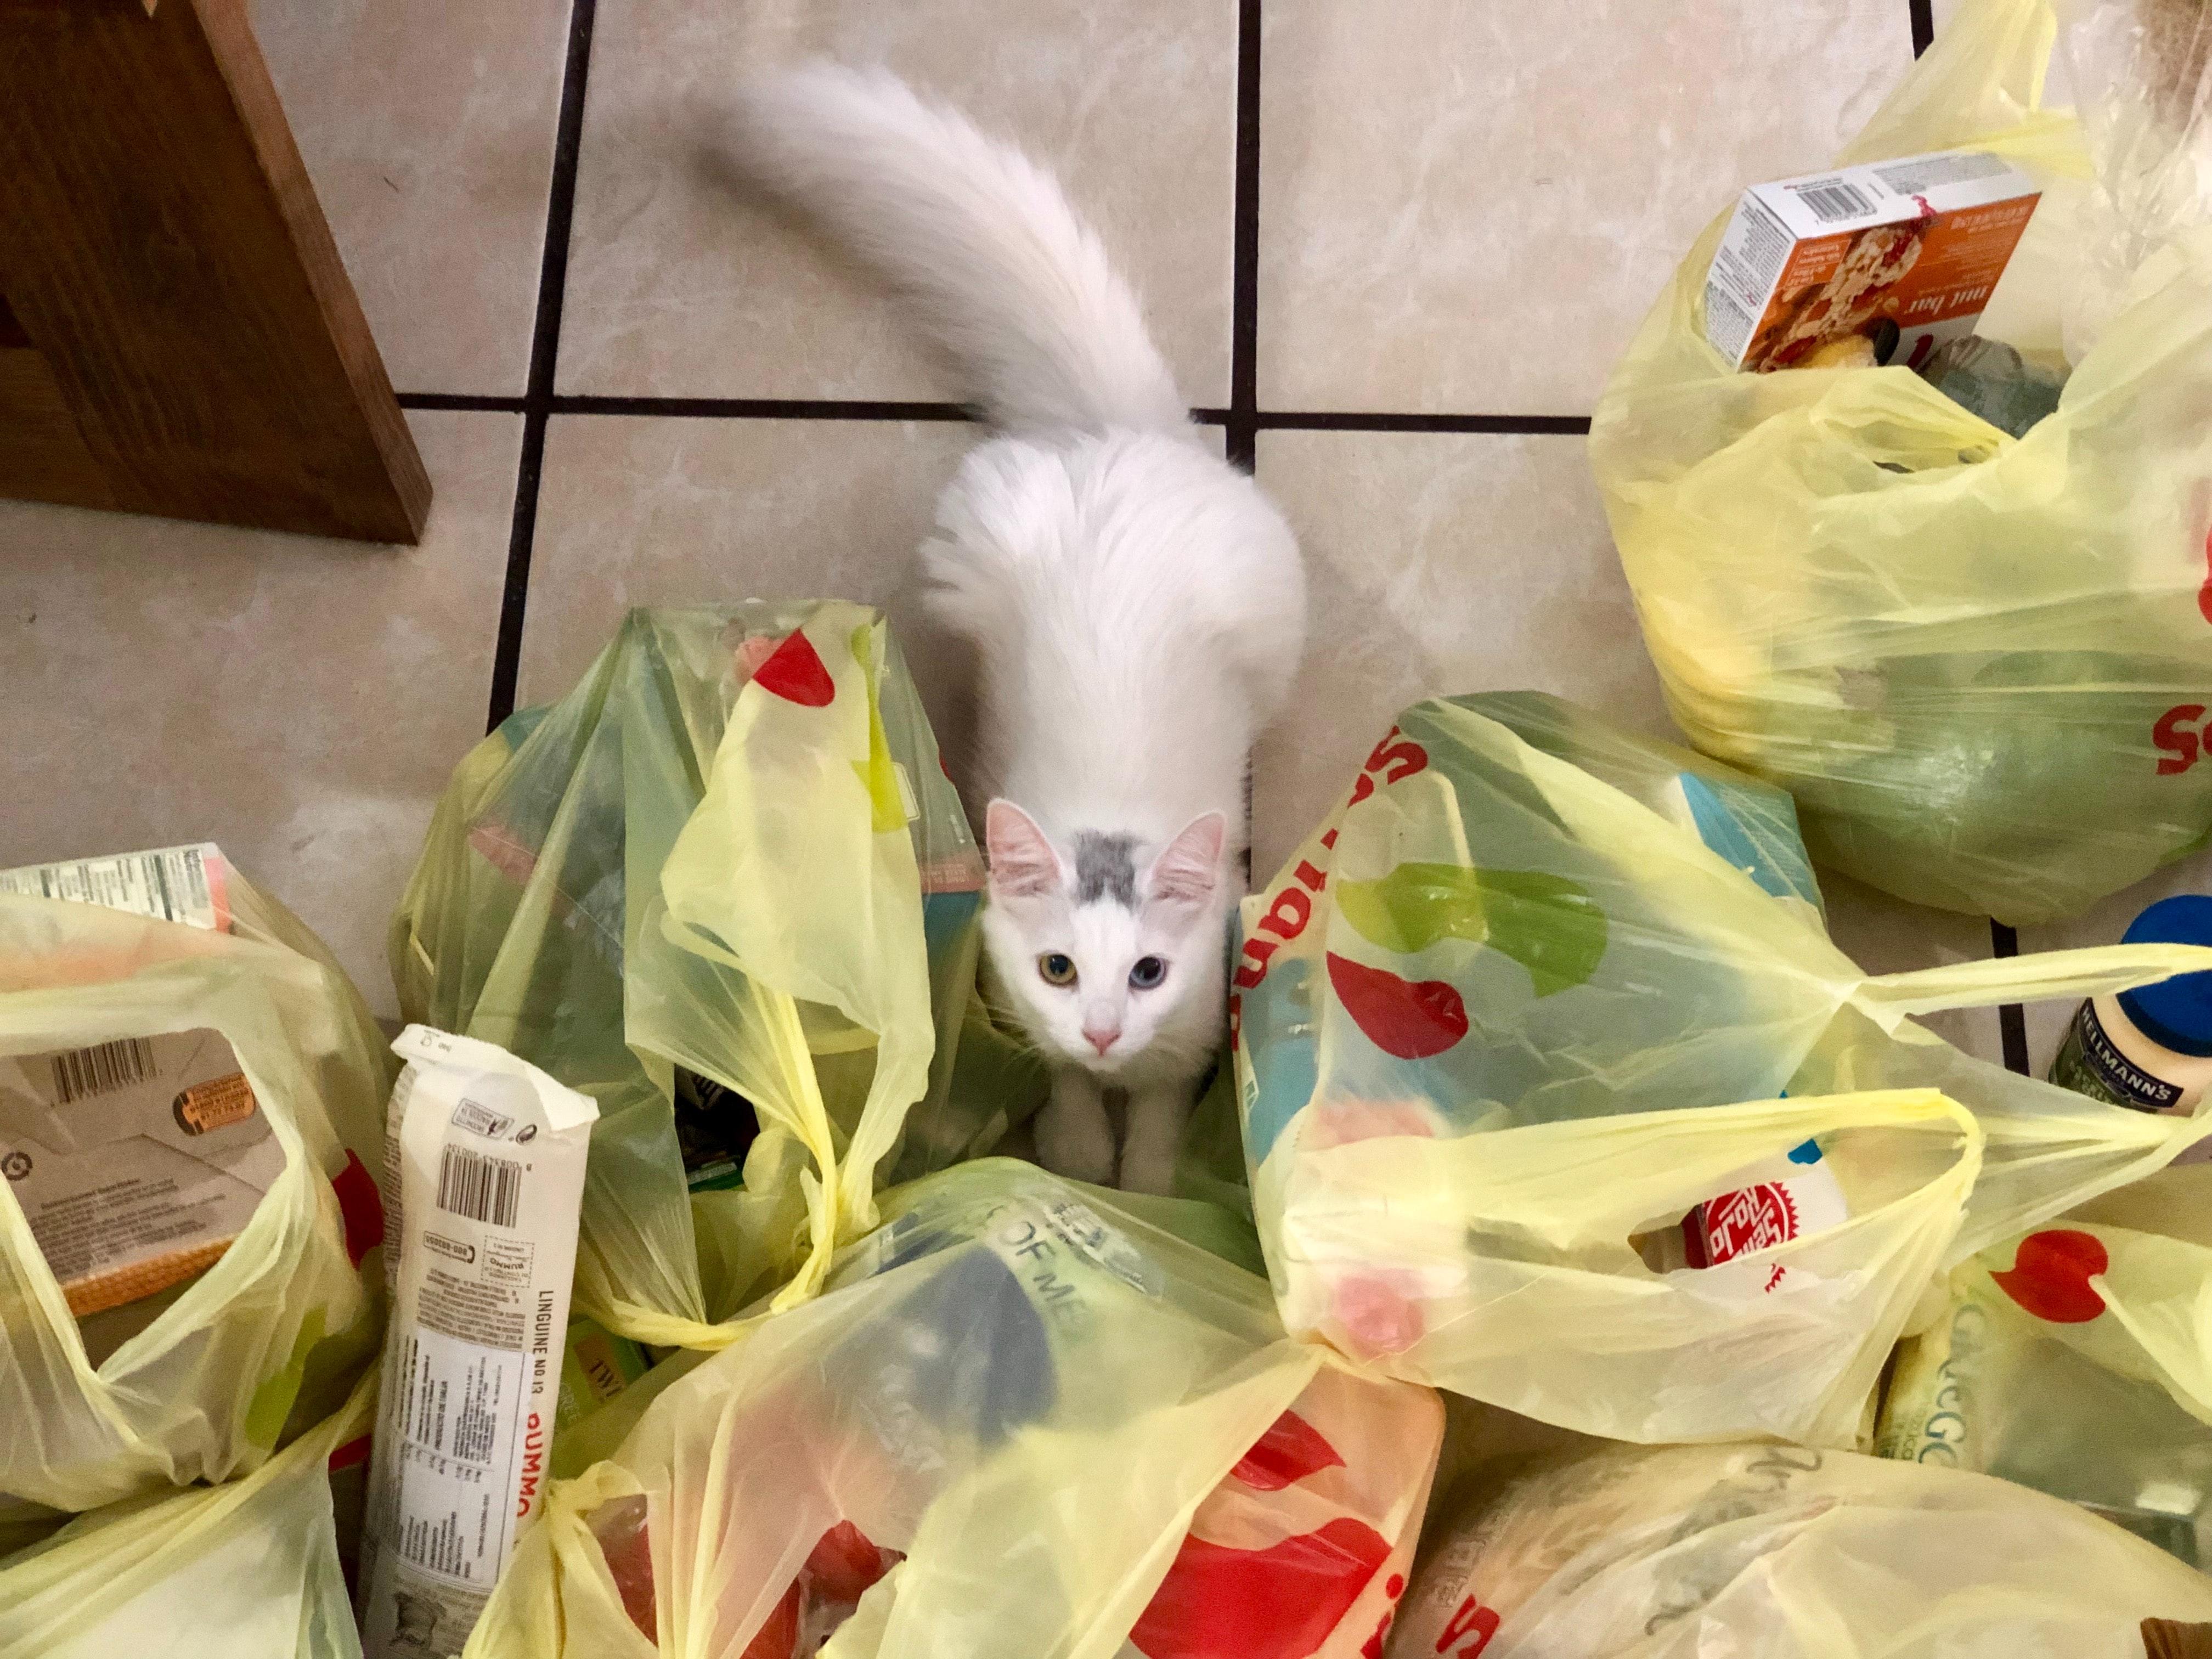 Todos os itens do supermercado necessitam de limpeza prévia antes de serem armazenados. Foto: Daniel Romero/Unsplash.